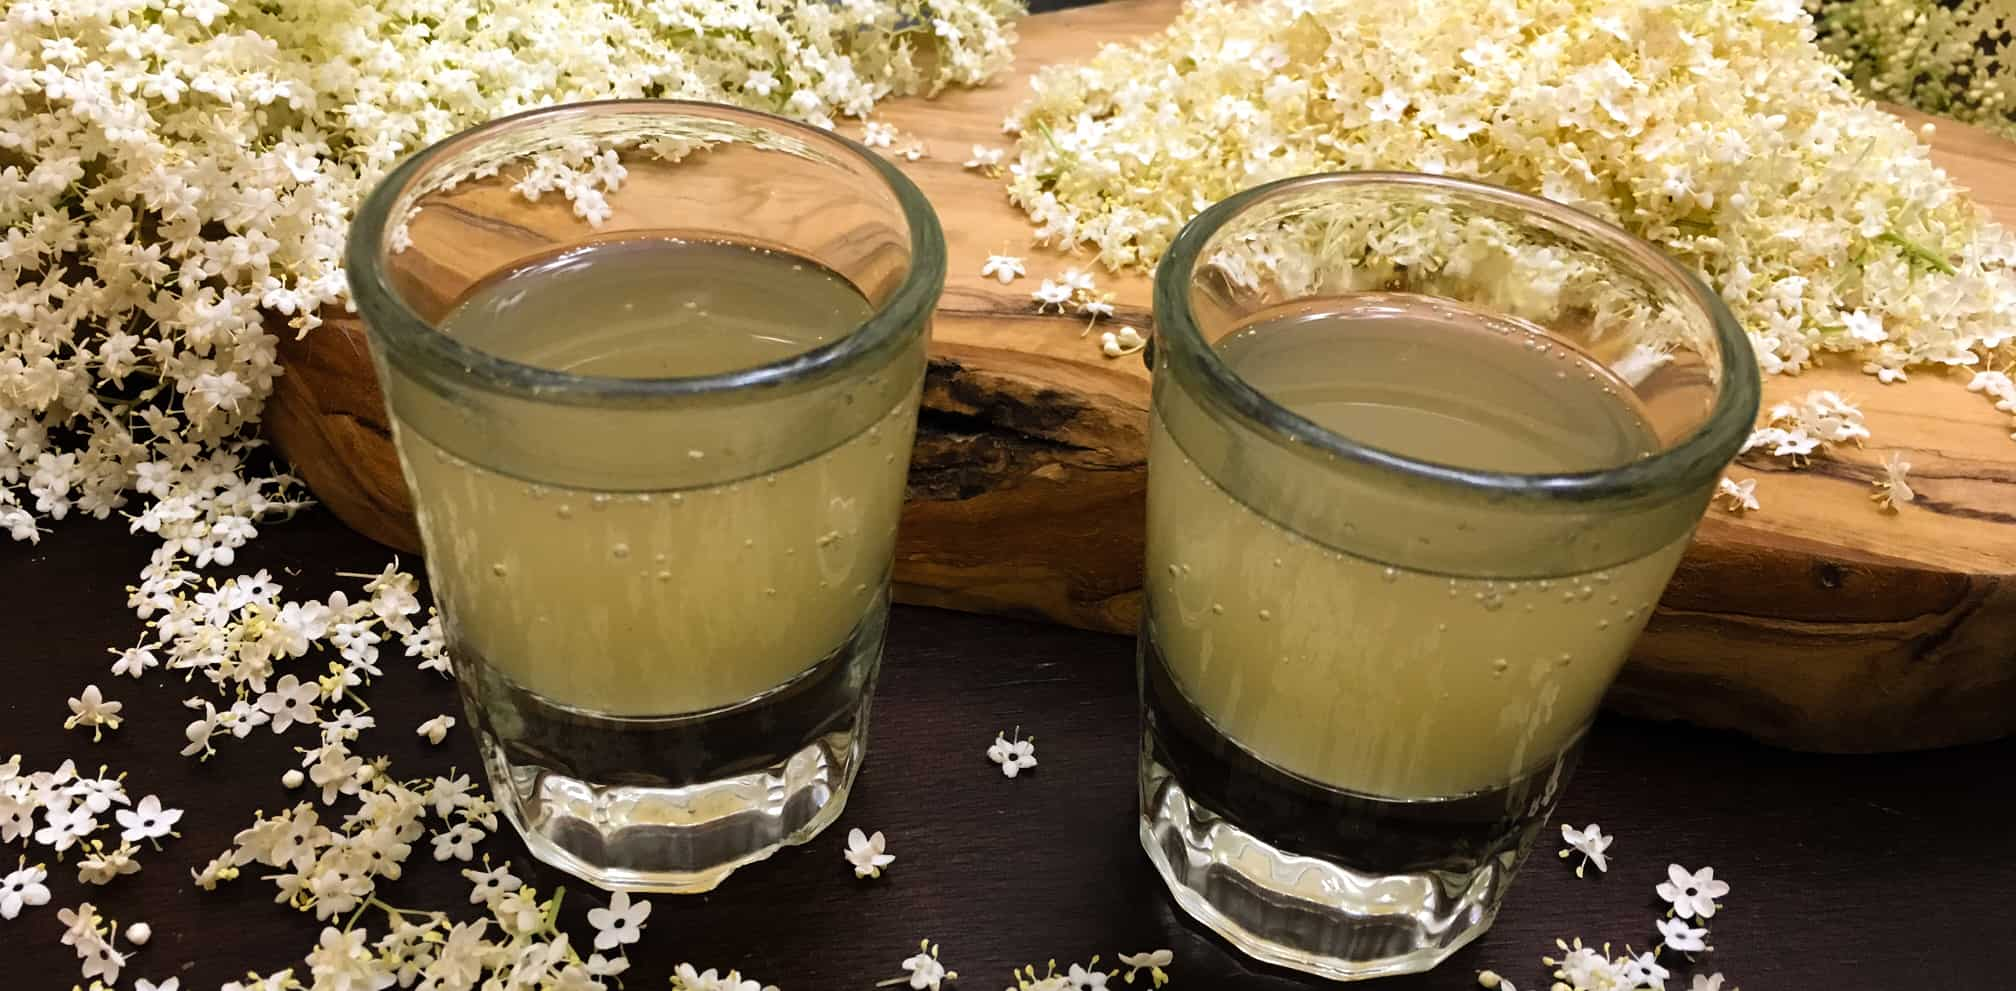 sparkling elderflower syrup - www.TyrantFarms.com